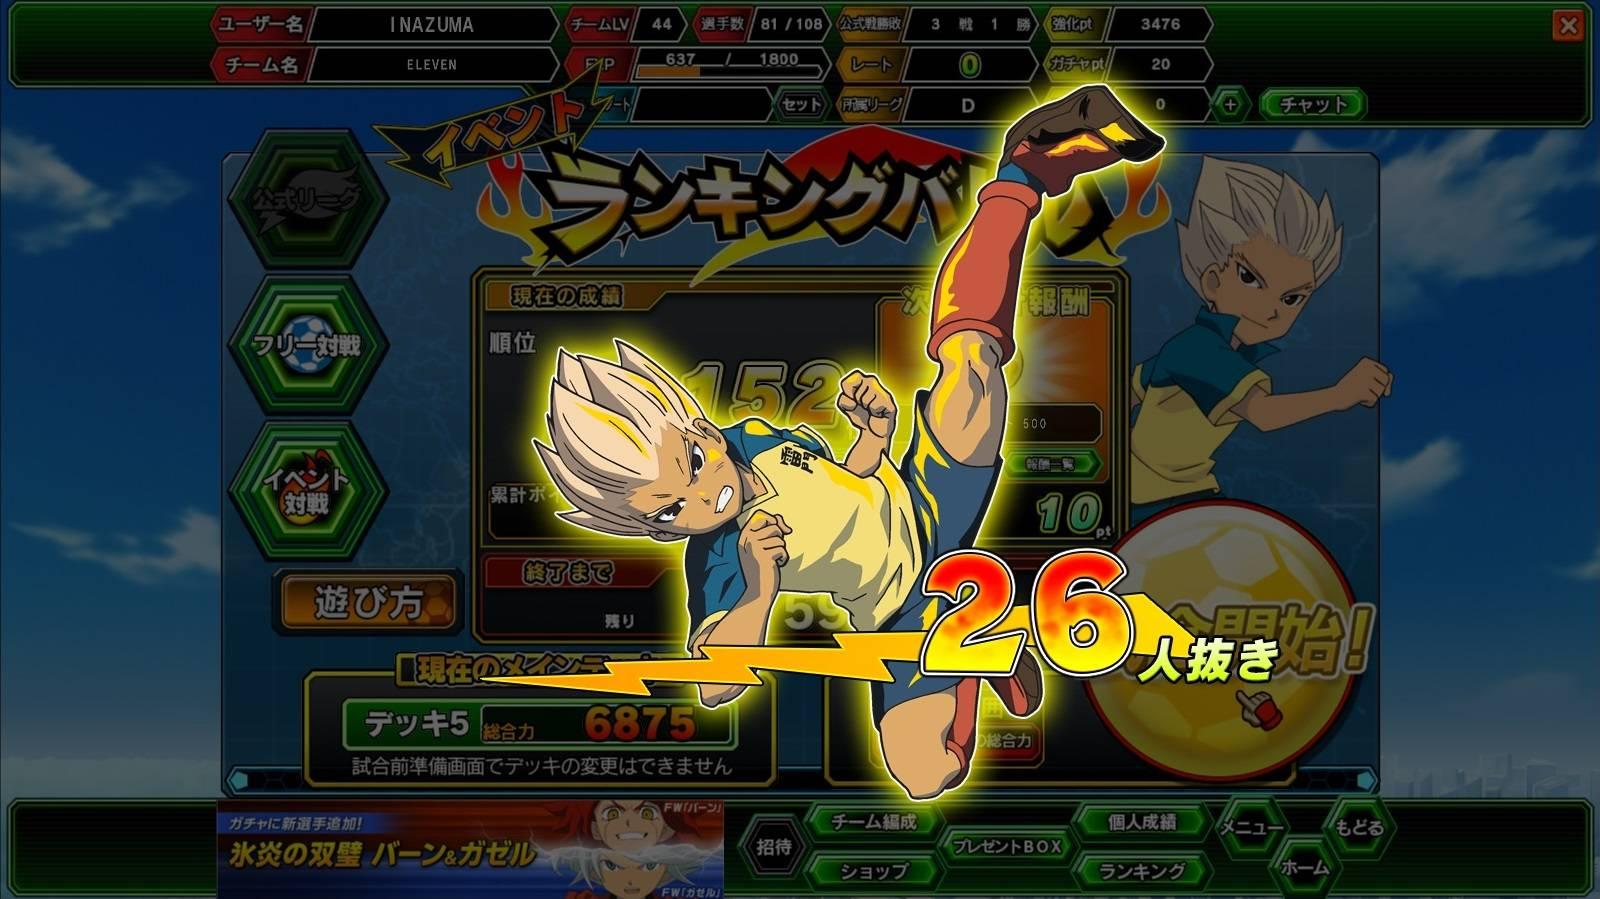 『イナズマイレブン オンライン』オンライン対戦で短期決戦!「ランキングバトル」開幕!(8月27日予定)